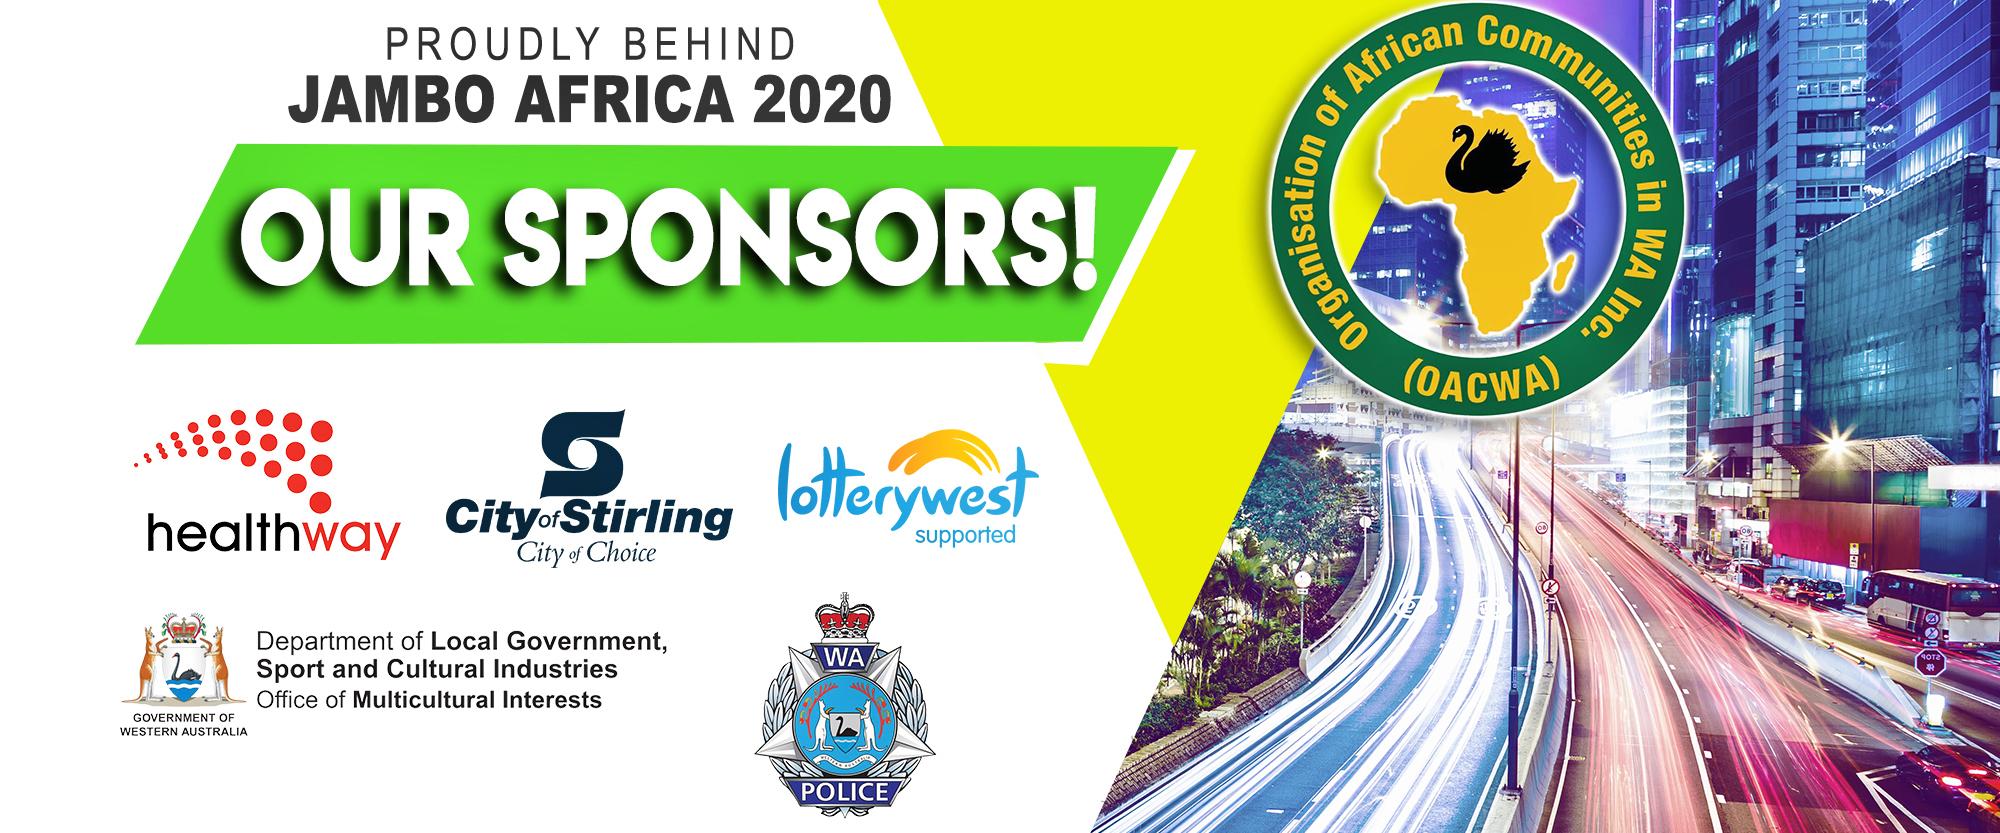 sponsors-visual-design